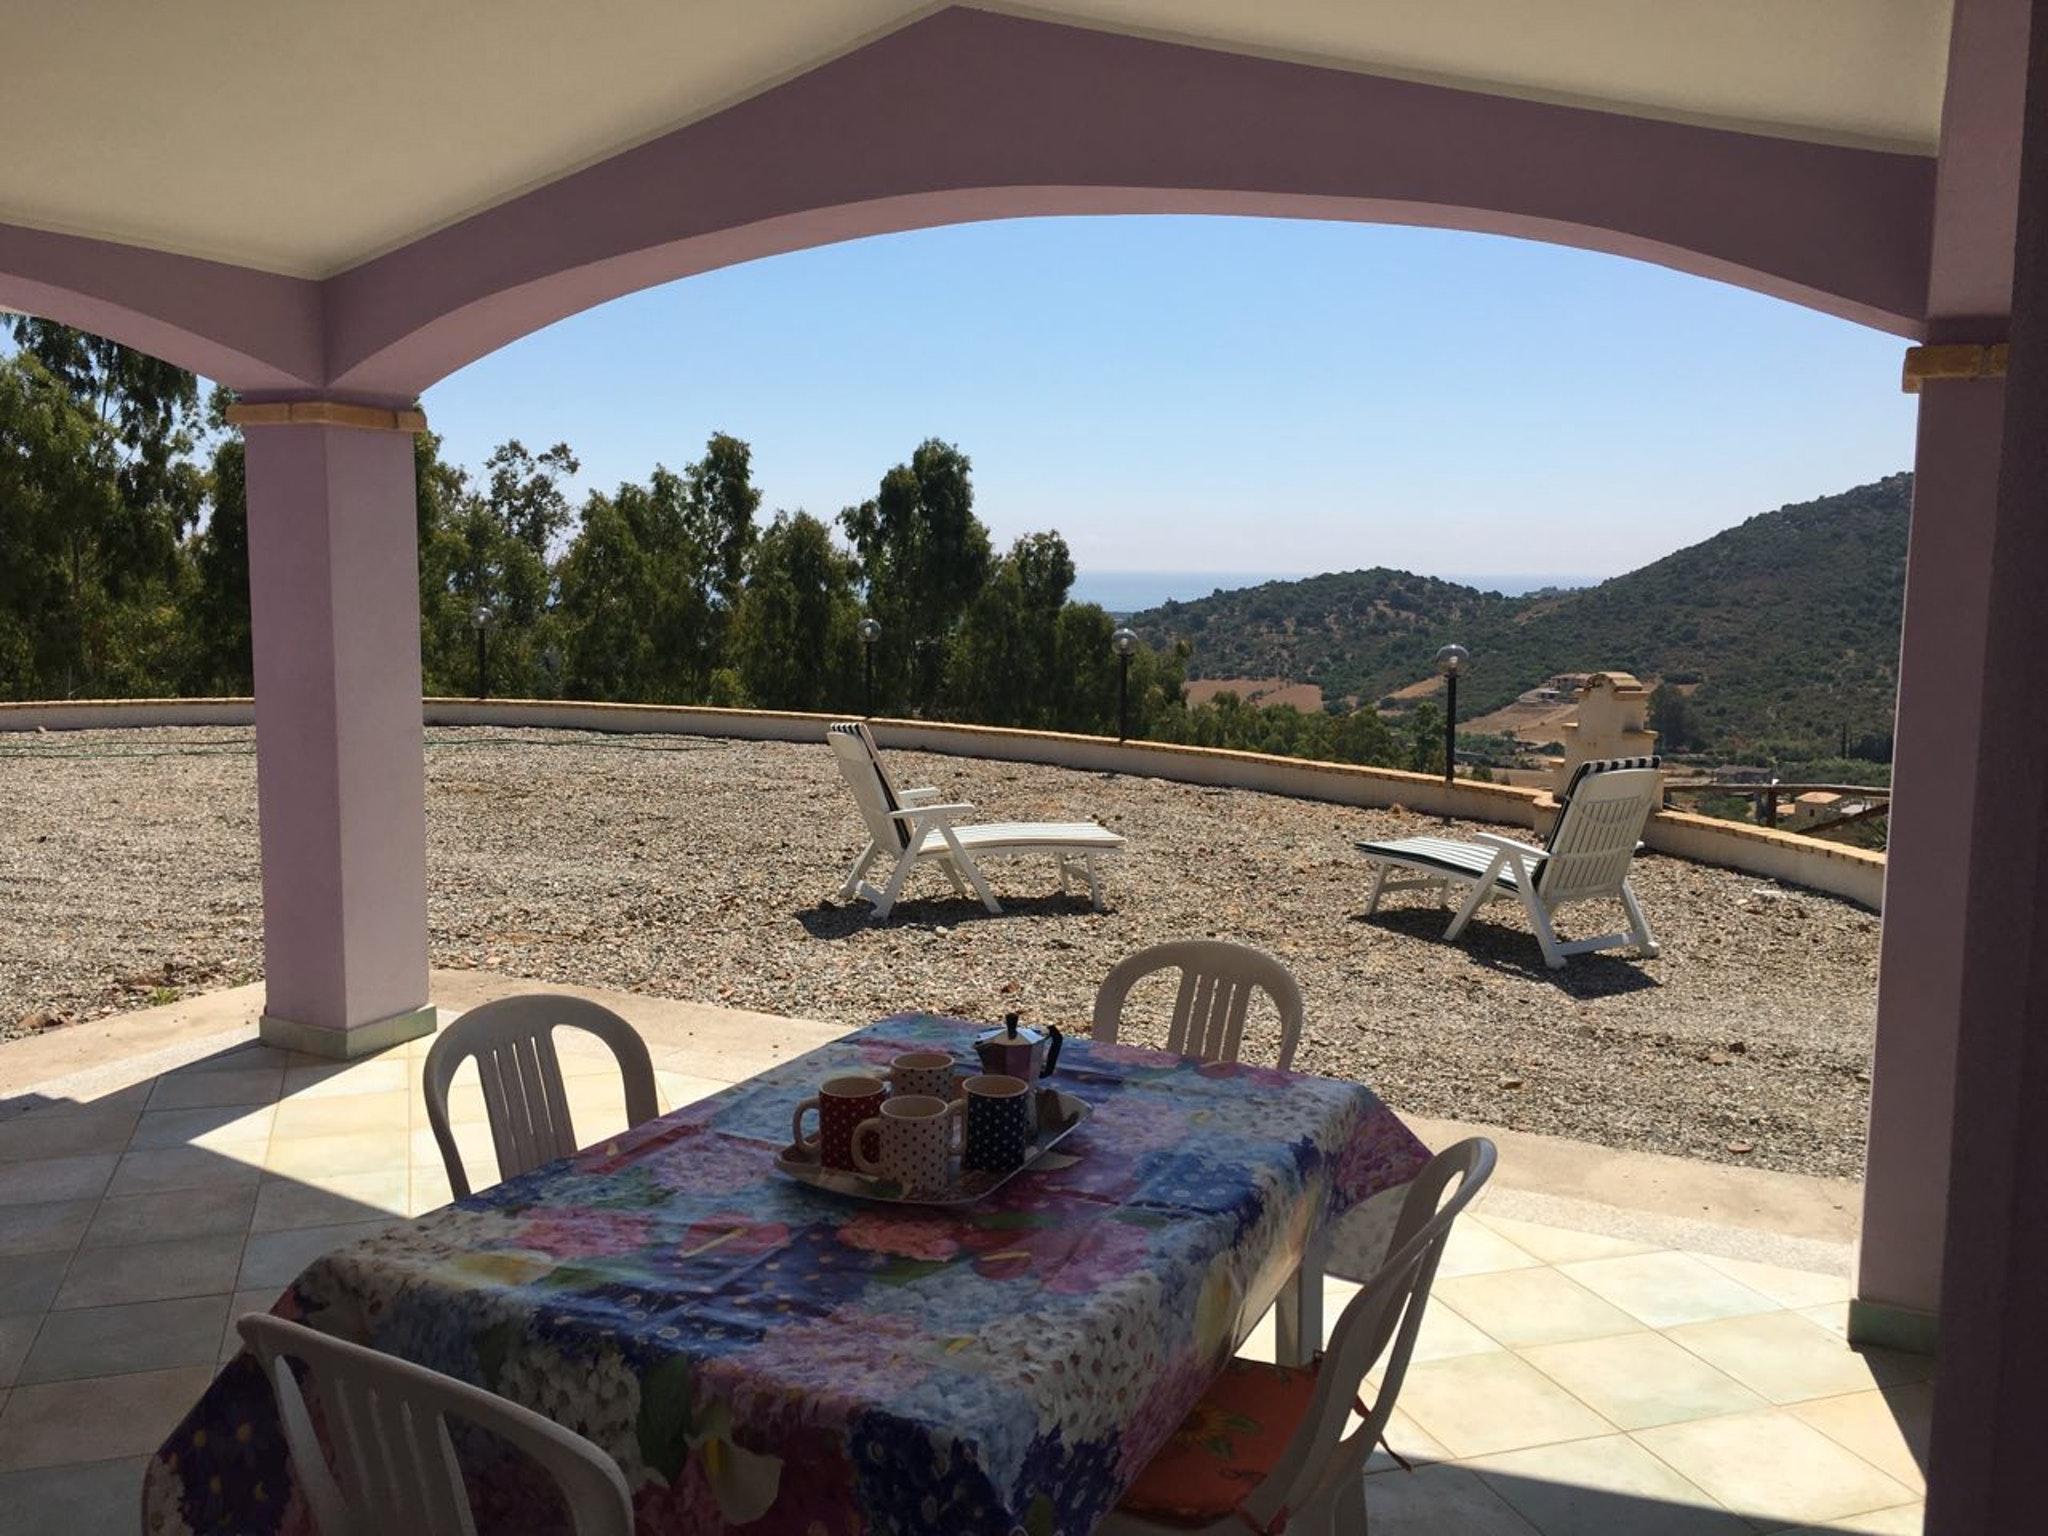 Haus mit 2 Schlafzimmern in Cardedu mit herrlichem Meerblick eingezäuntem Garten und W LAN 1 km vom Strand entfernt